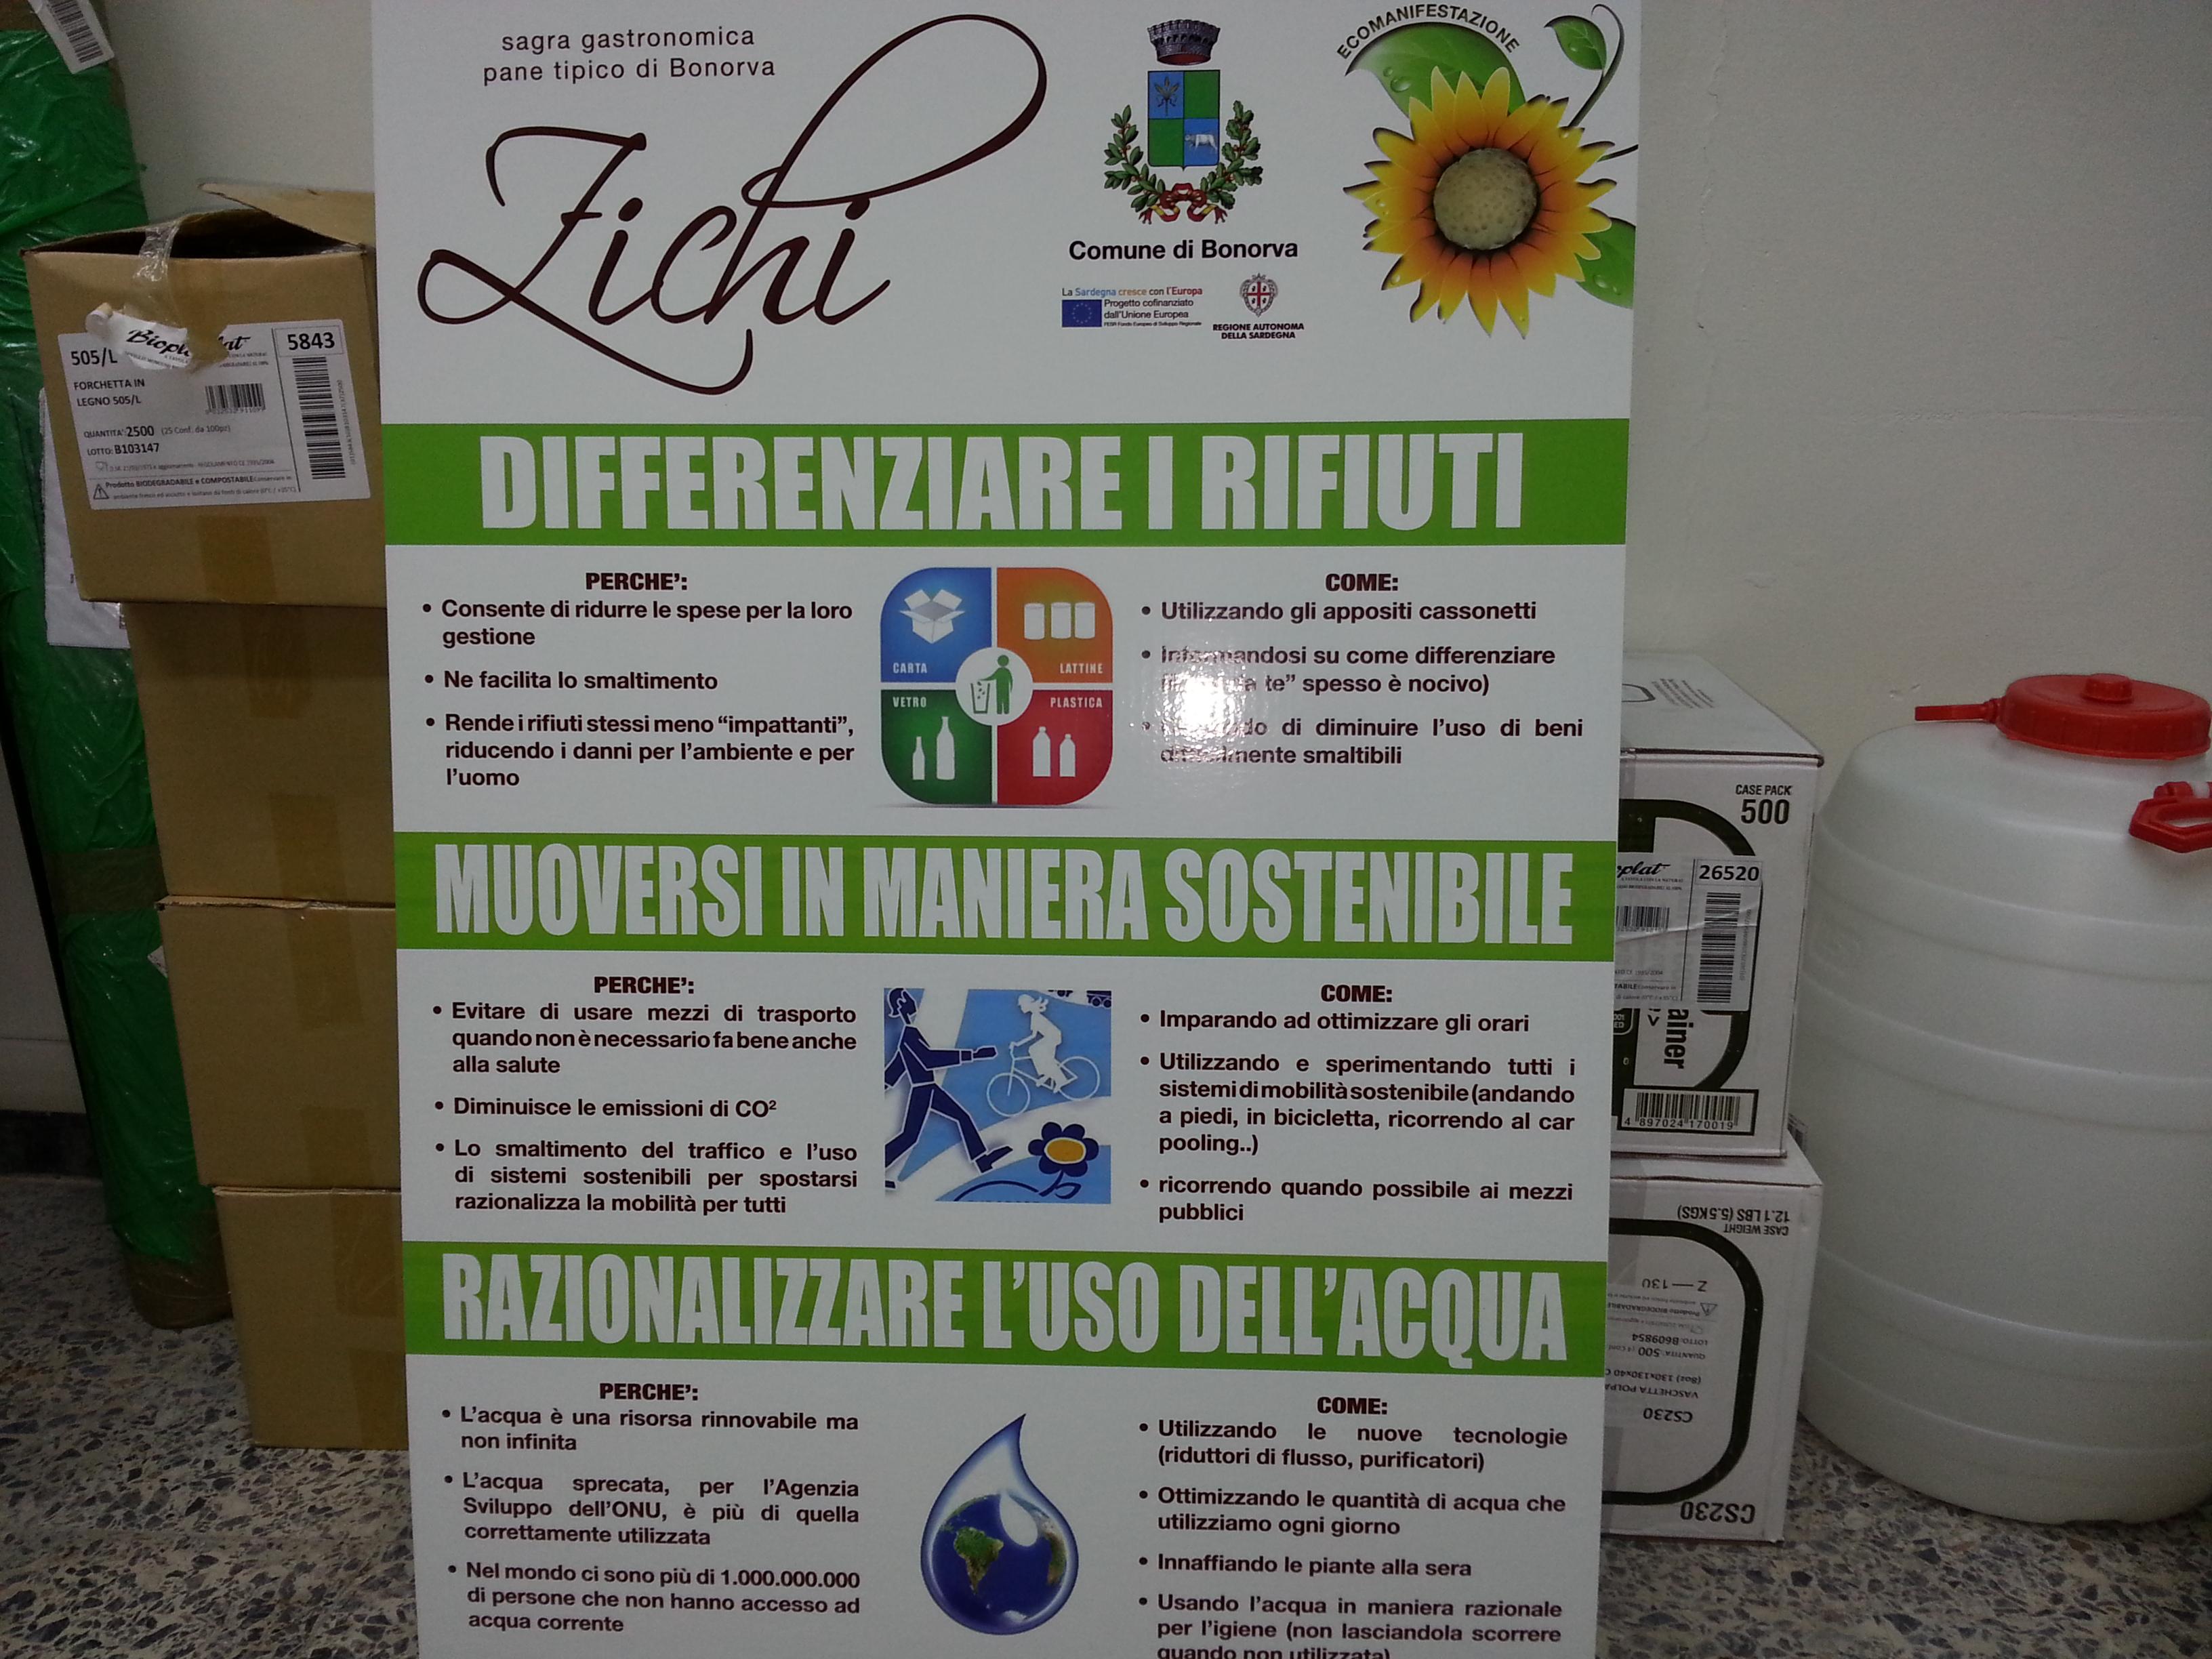 La Sagra del Zichi del 23 agosto 2014 promossa dal Comune di Bonorva sarà organizzata all'insegna del rispetto dell'ambiente.